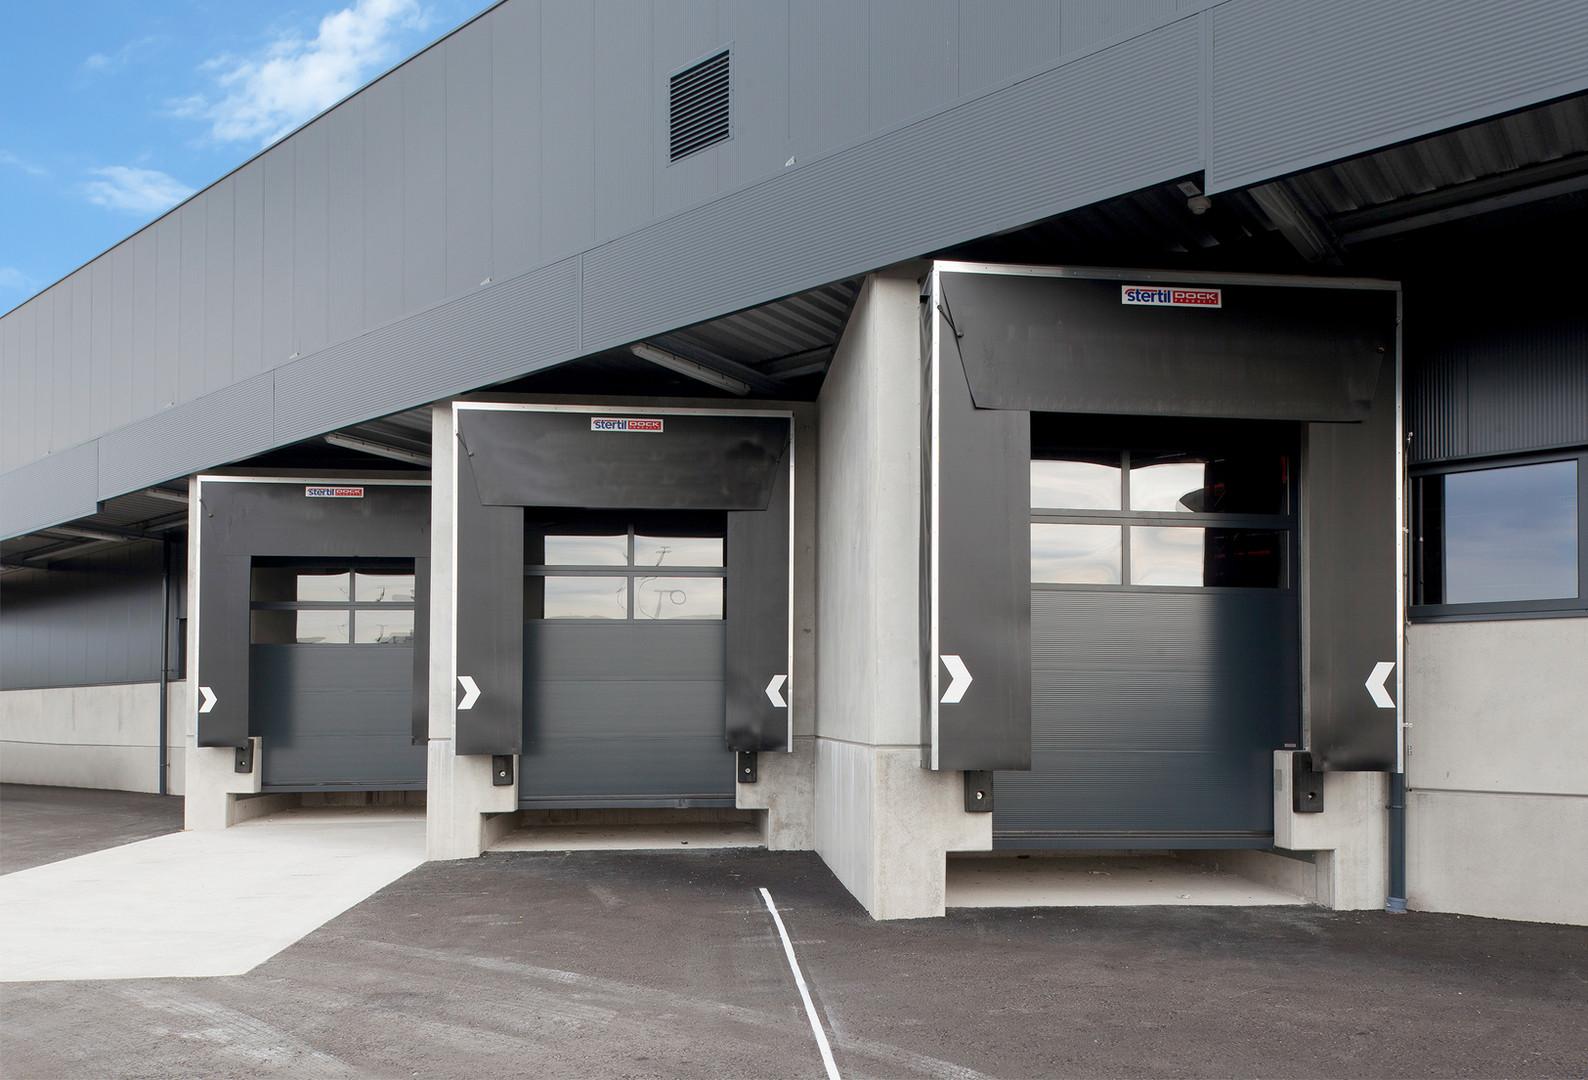 Schneider_Logistik_Verladetechnik-lagert